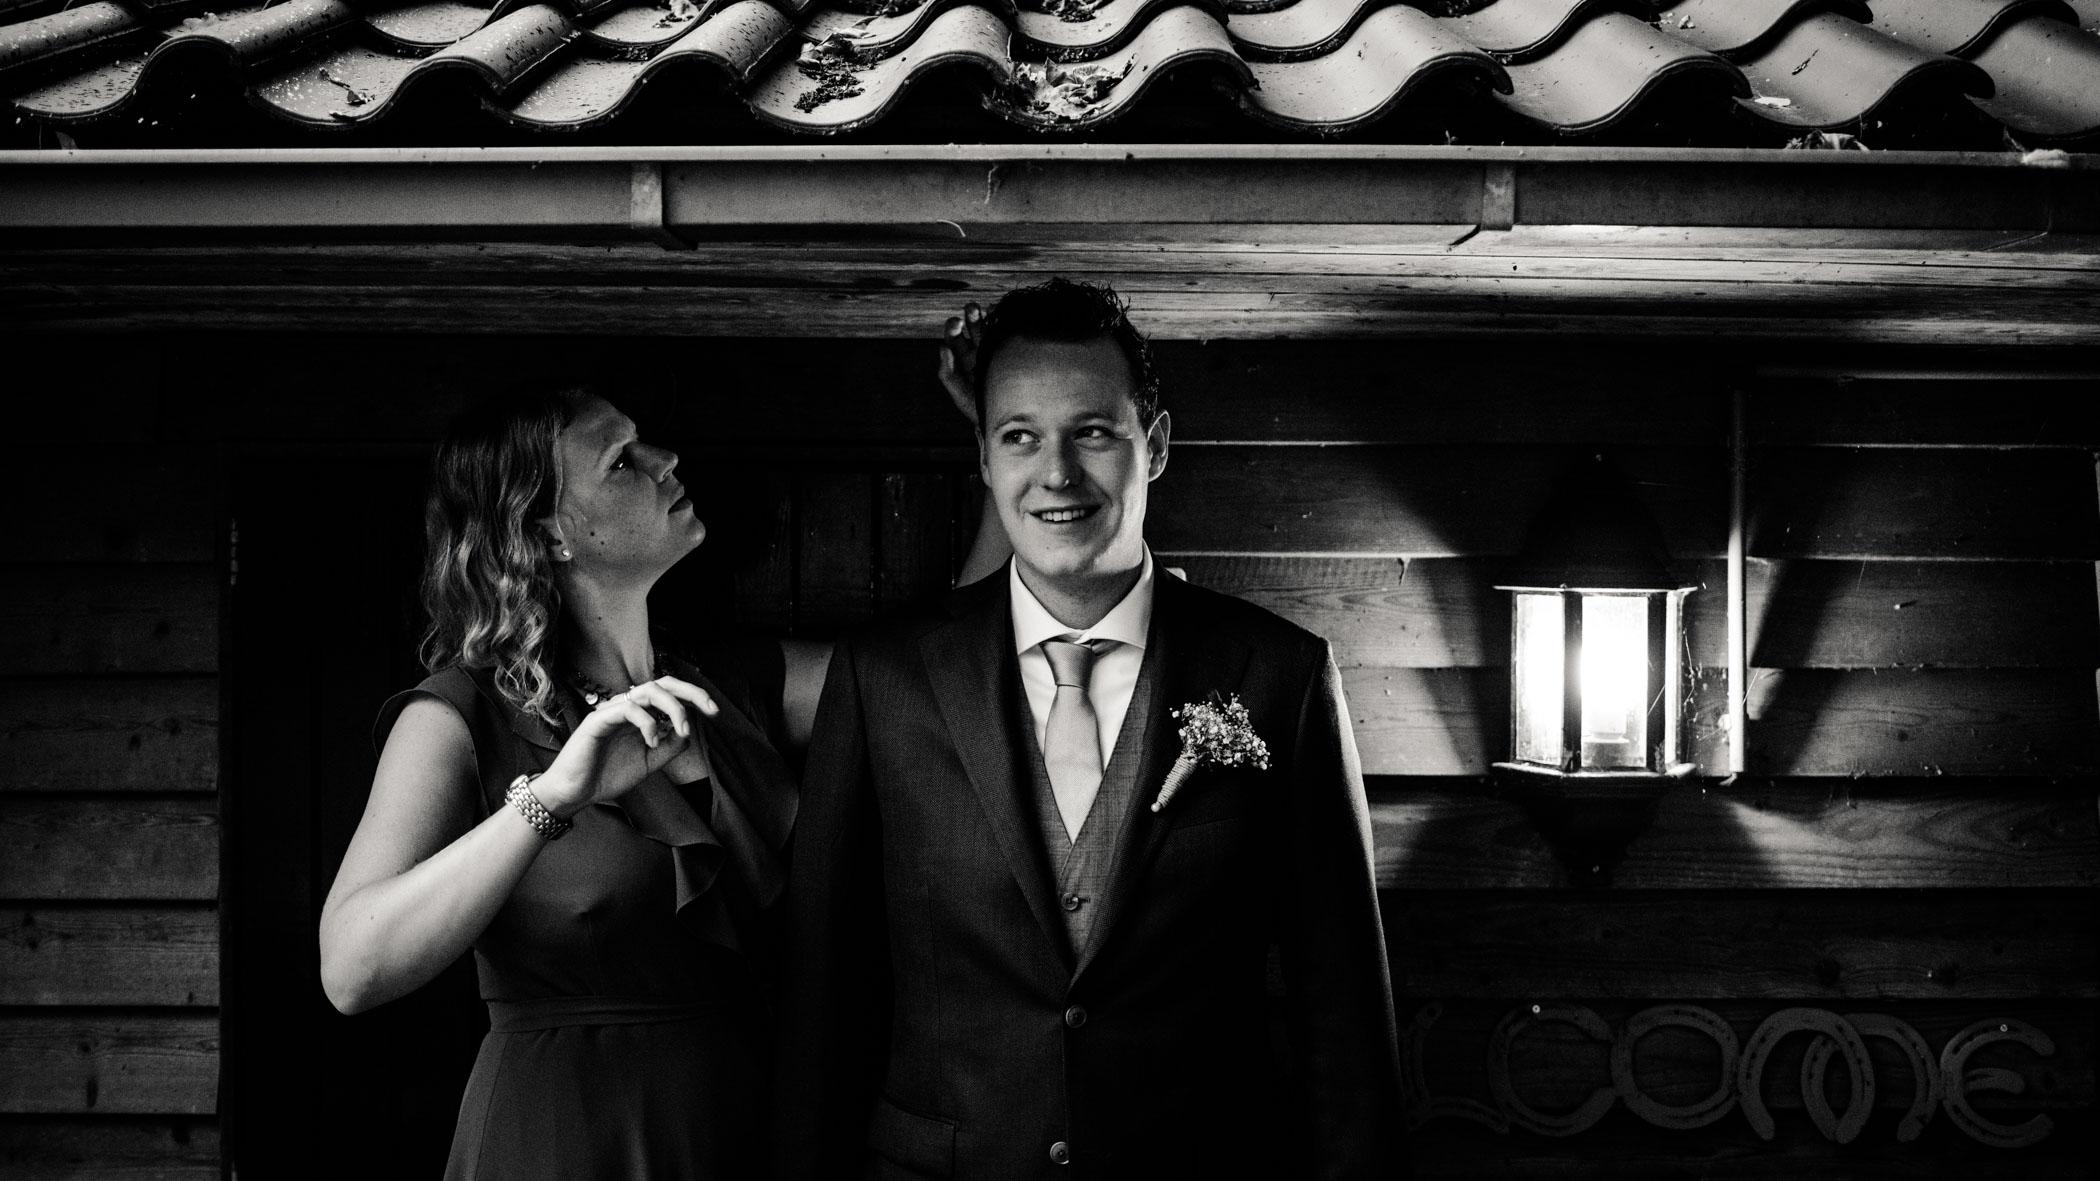 Klaarmaken bruidegom